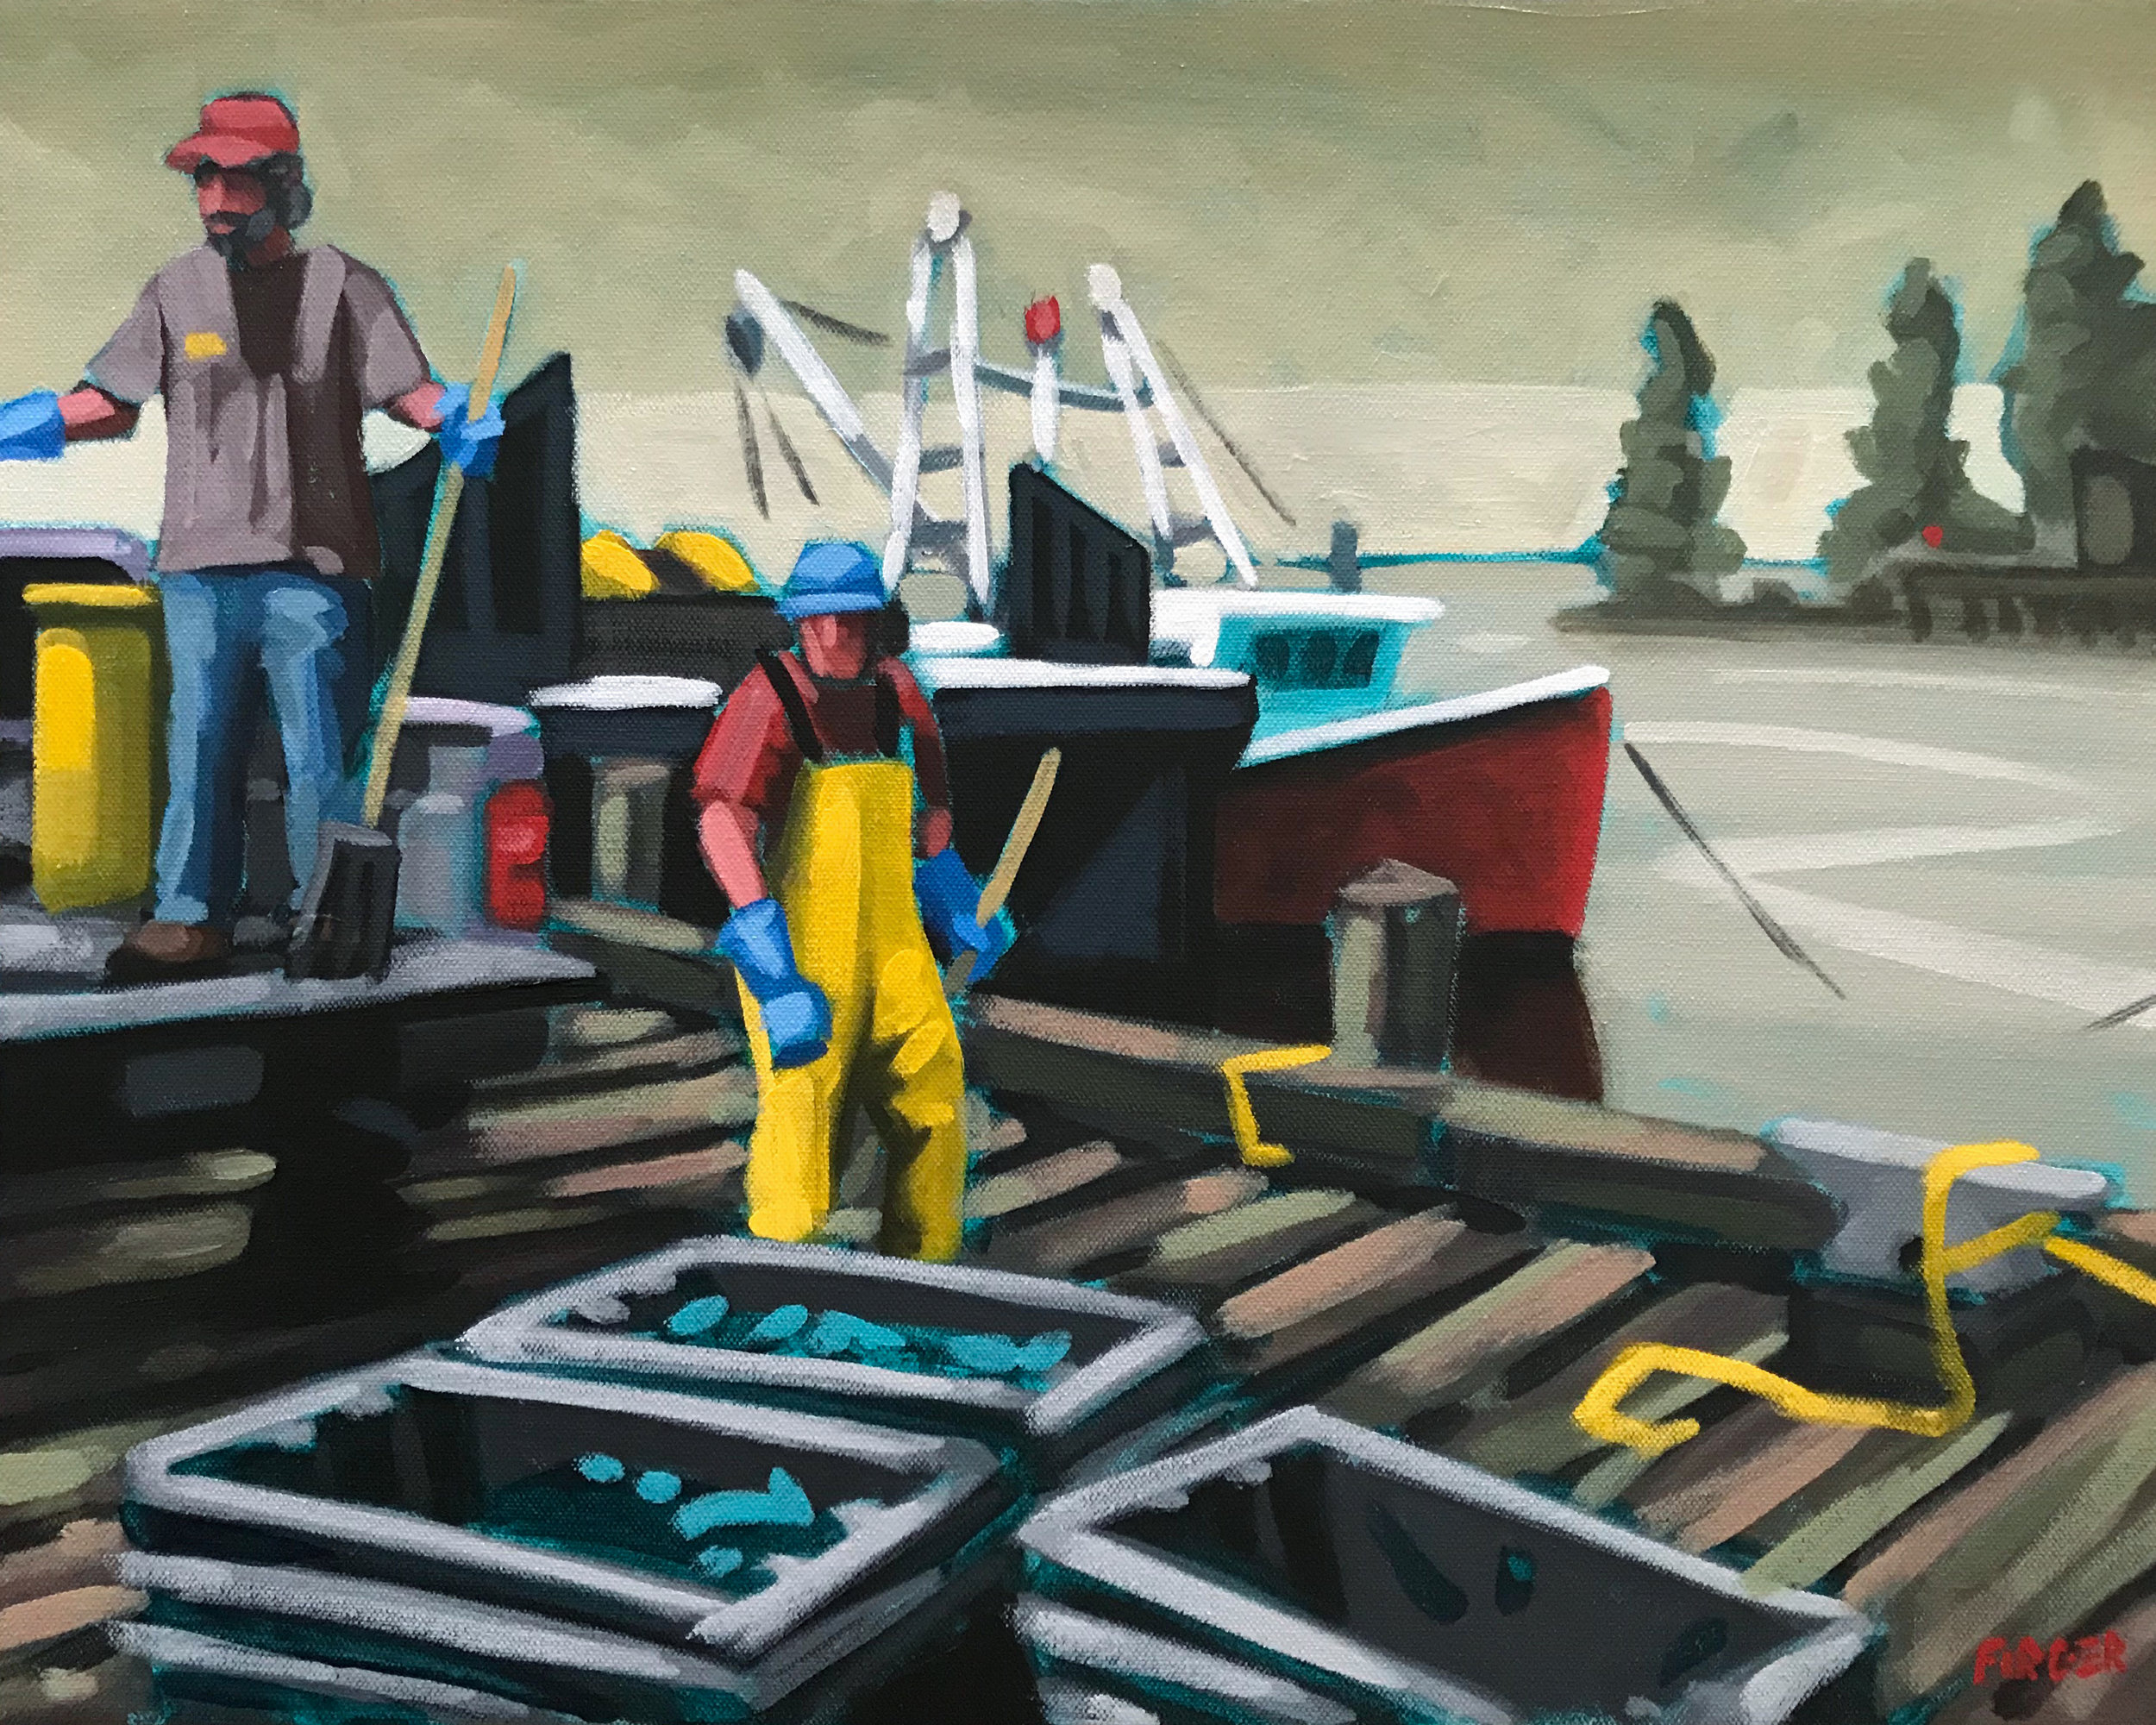 On The Docks - 16 x 20, Acrylic on Canvas